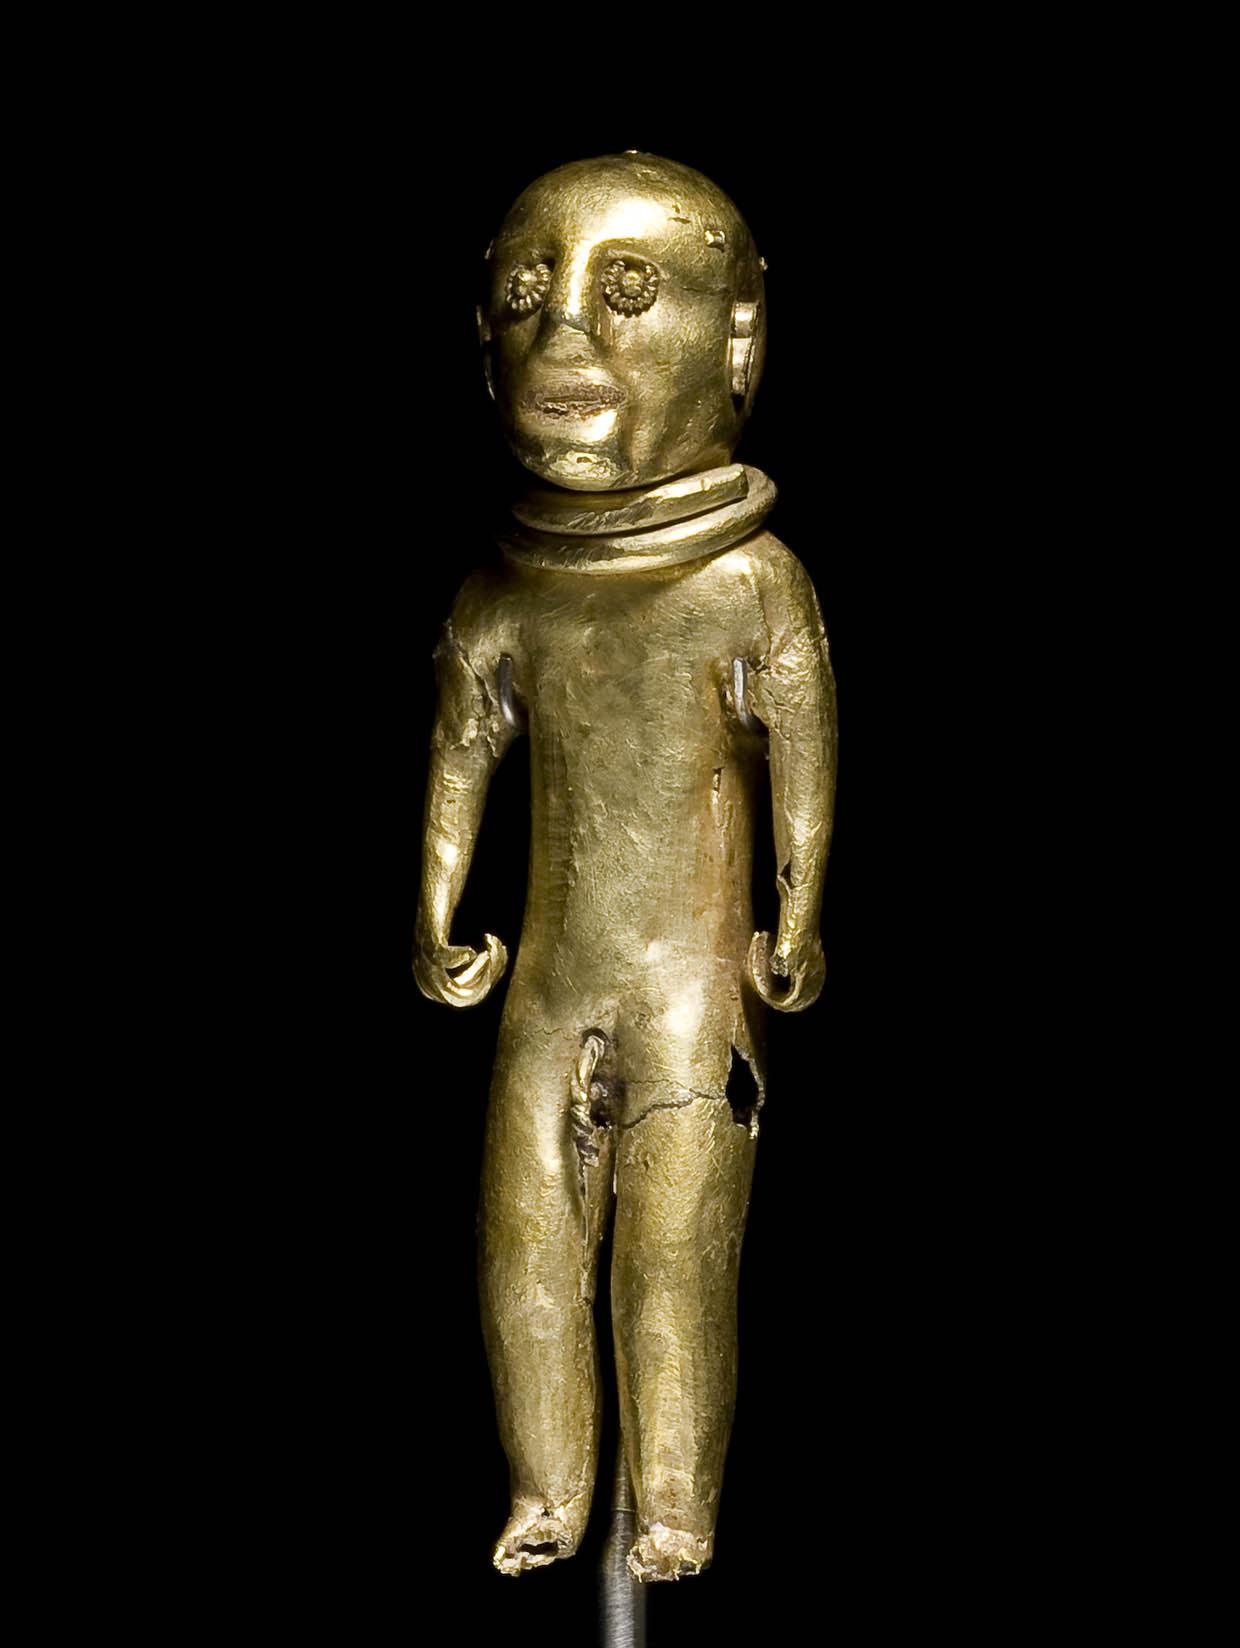 Gold statuette from Slipshavn, 500 BC – 1050 AD. The National Museum of Denmark. Photo: Roberto Fortuna og Kira Ursem